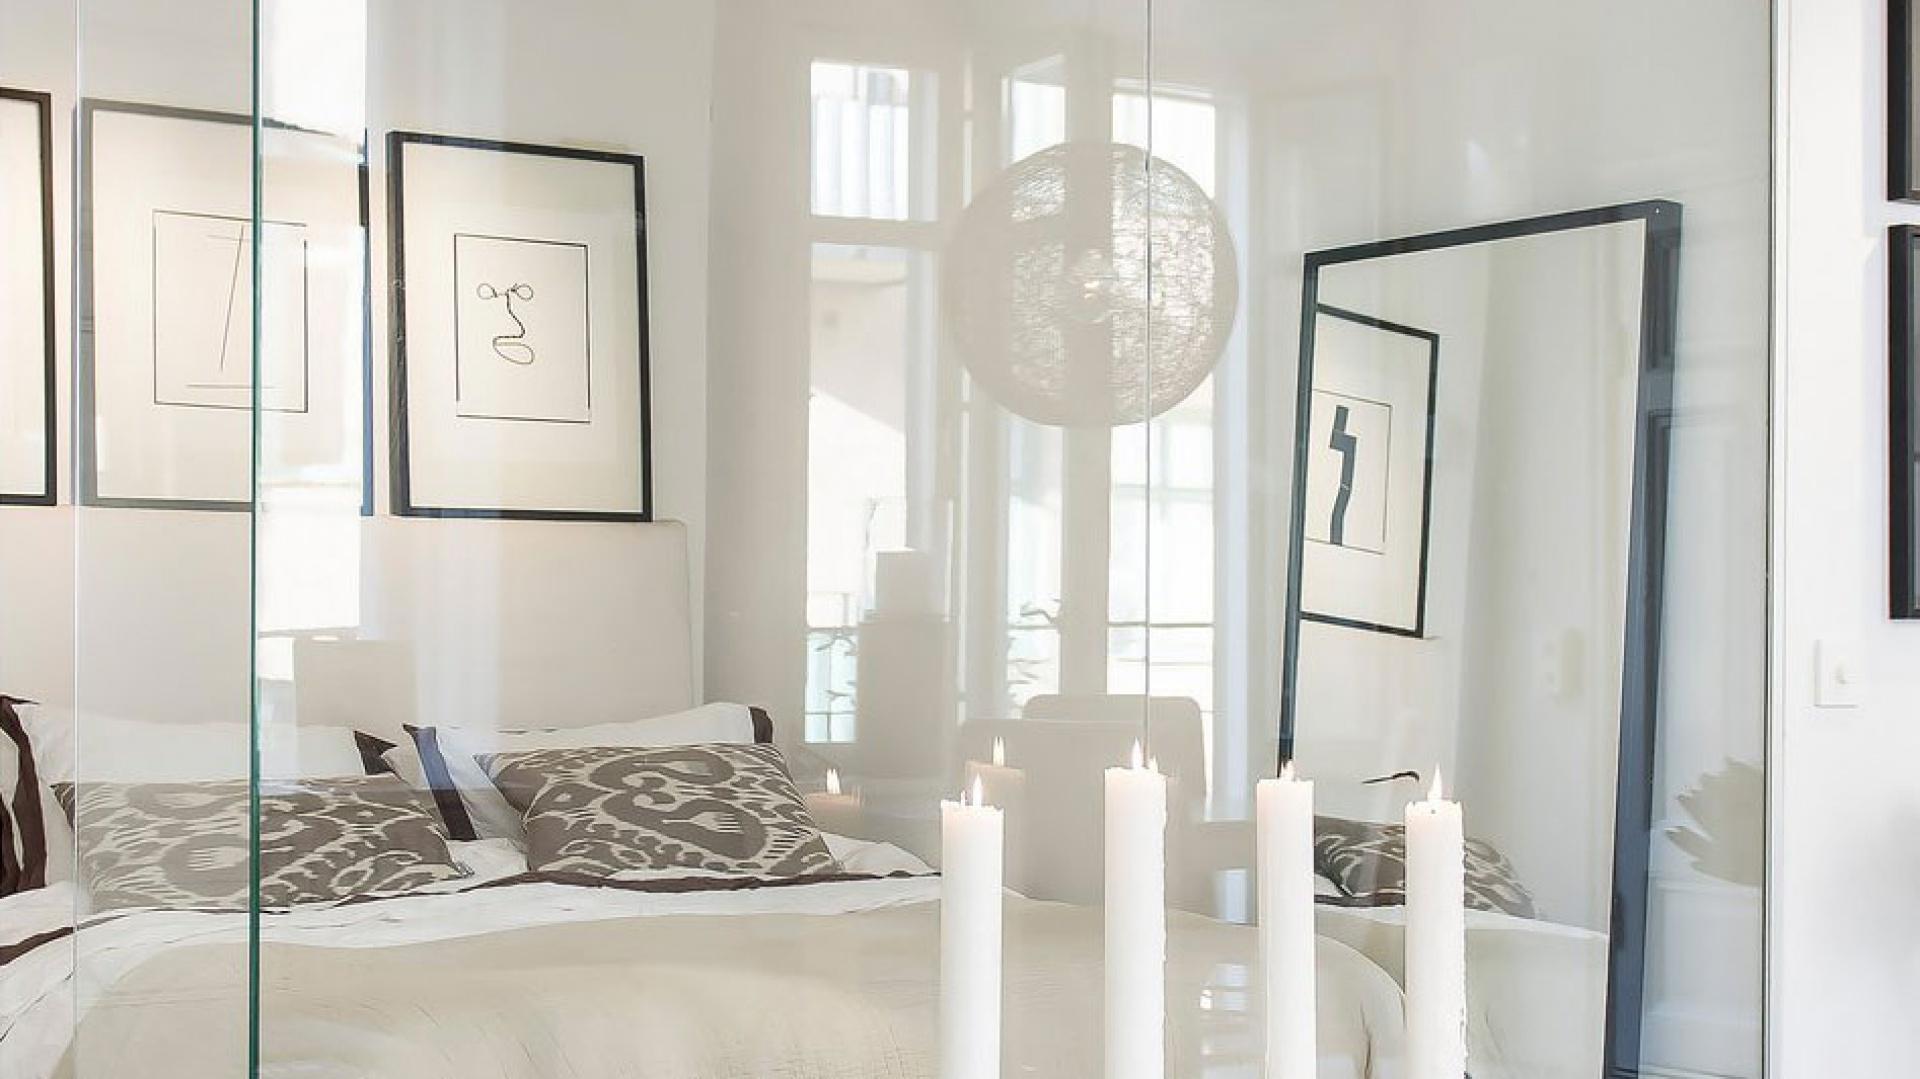 Ciekawy pomysł na dekorację - masywne świece stojące na podłodze w stylowym świeczniku. Fot. SvenskFast.se